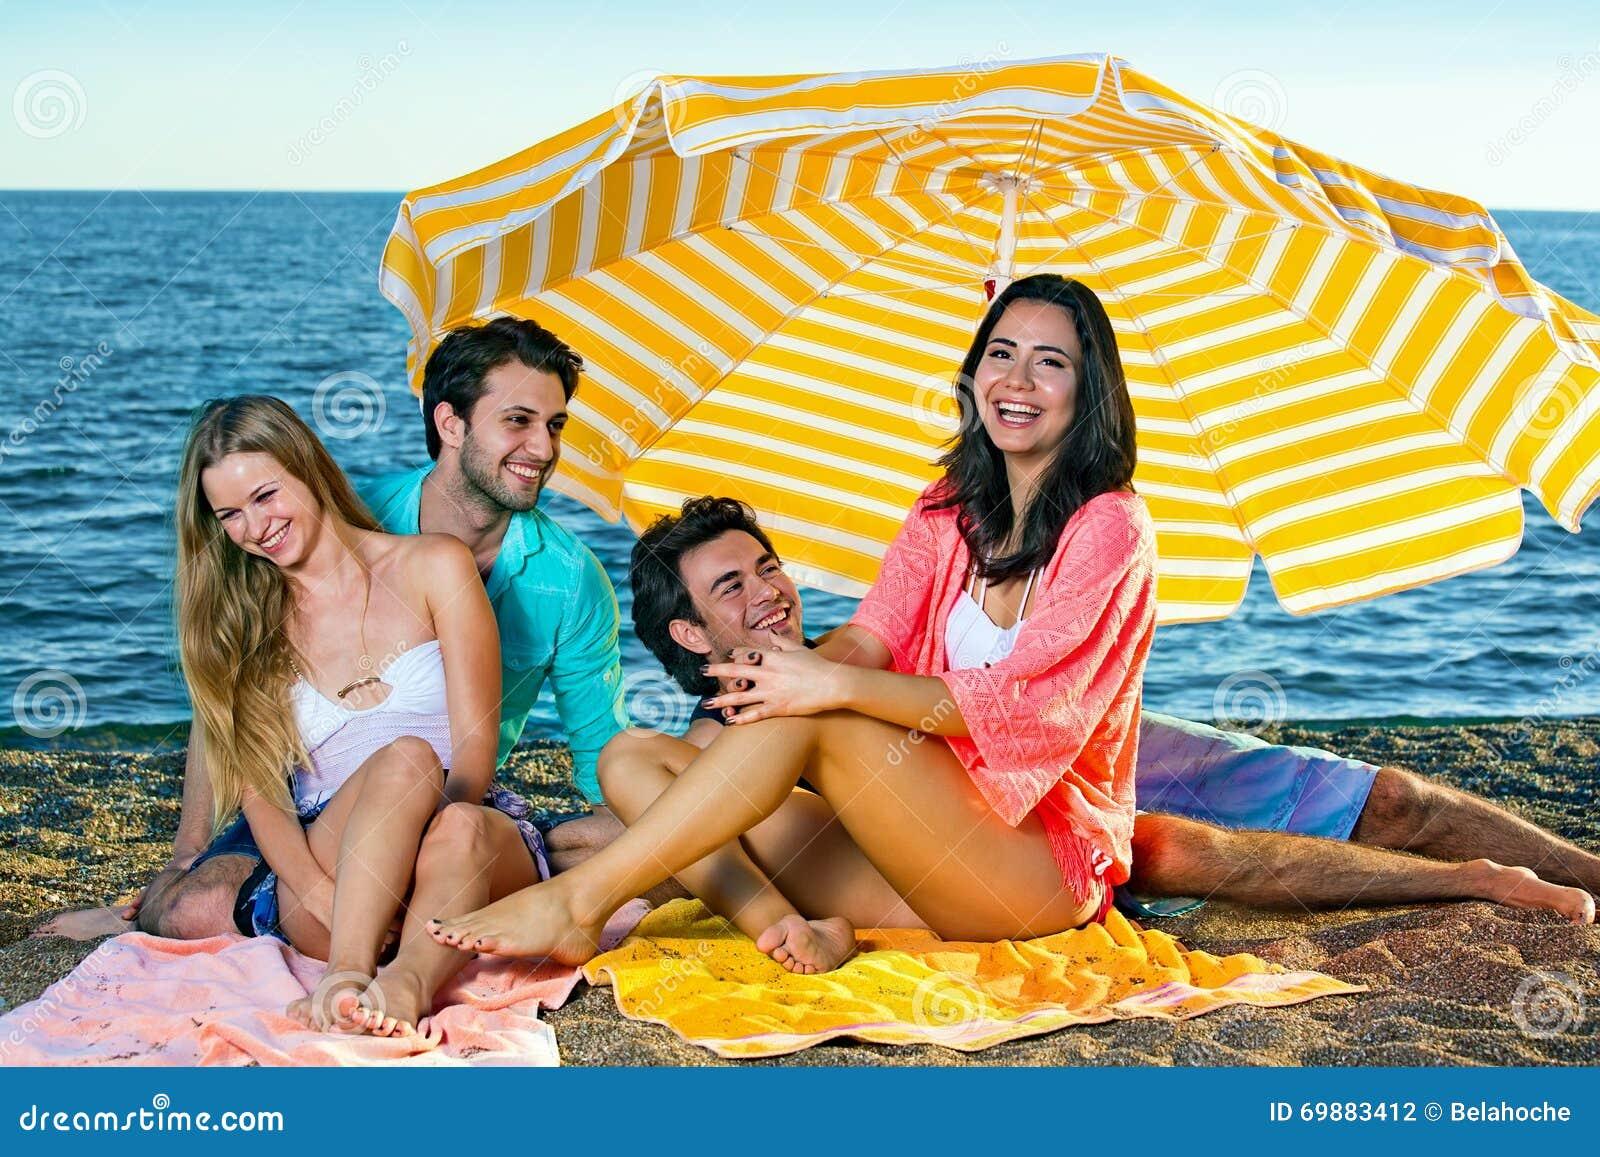 Молодые пары на пляже фото 636-274